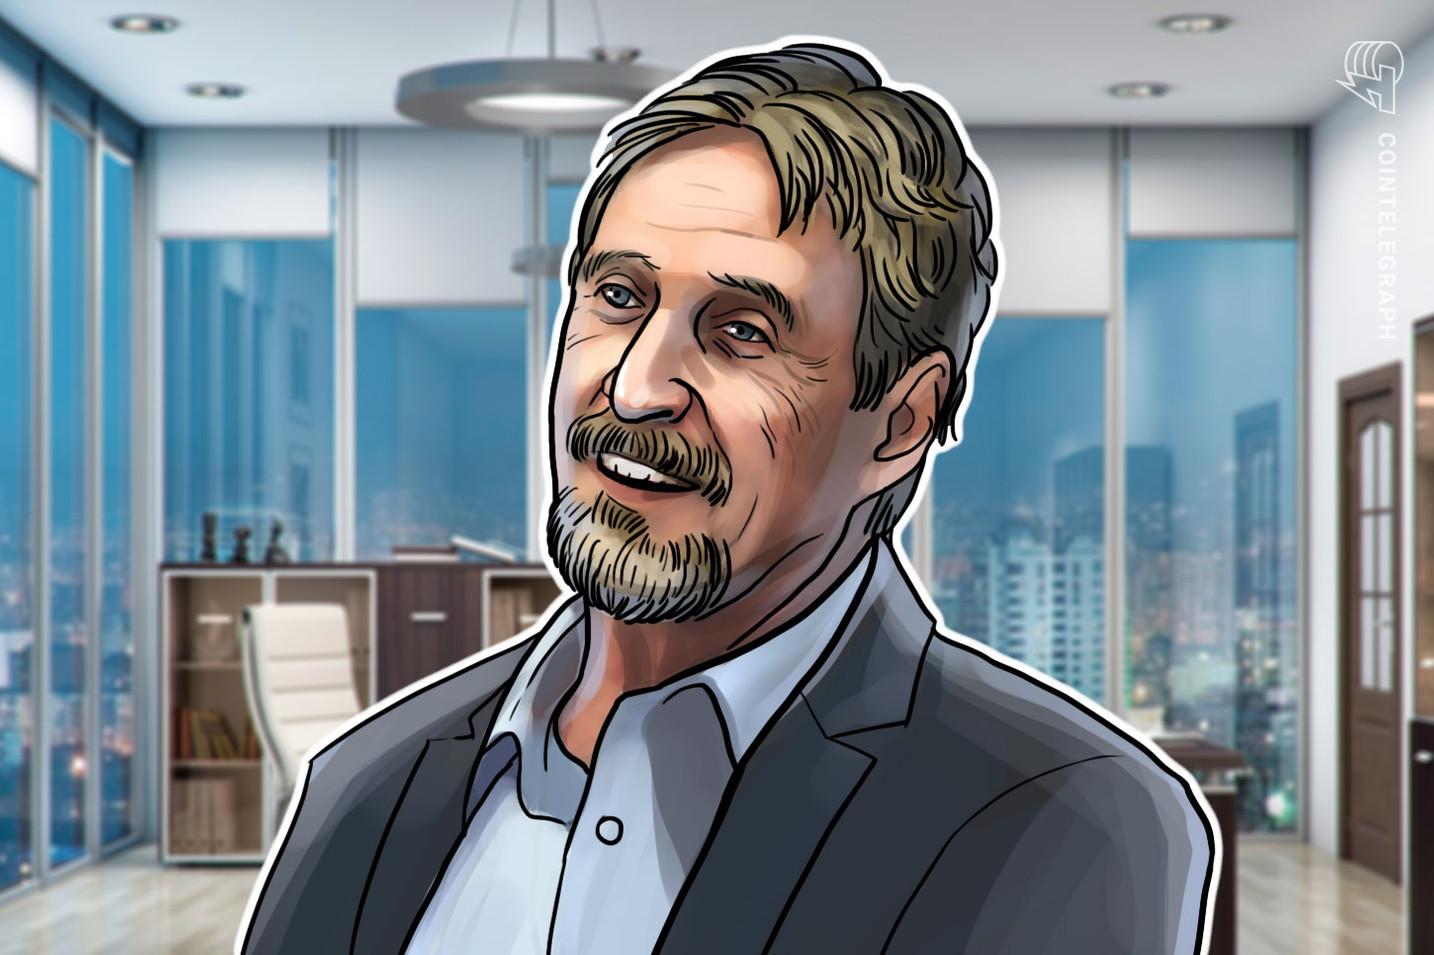 John McAfee continua a credere nella propria previsione: Bitcoin ad un milione entro il 2020